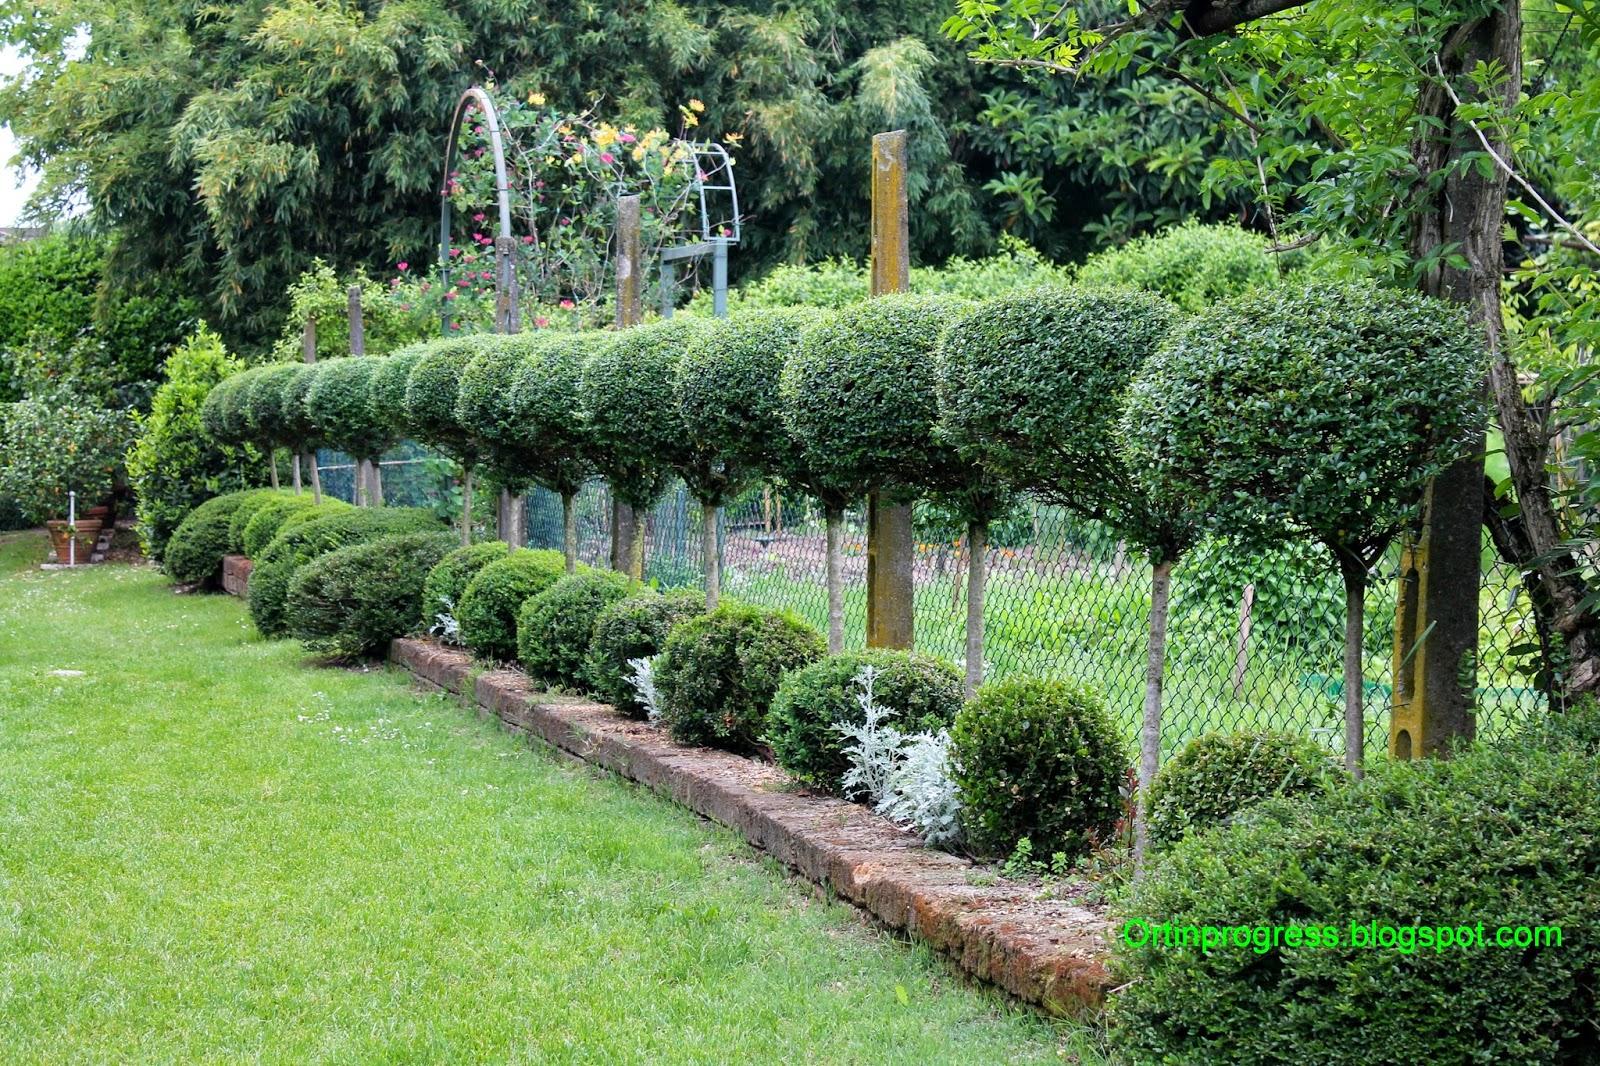 Orti in progress il giardino di casa biasi for Alberelli da esterno